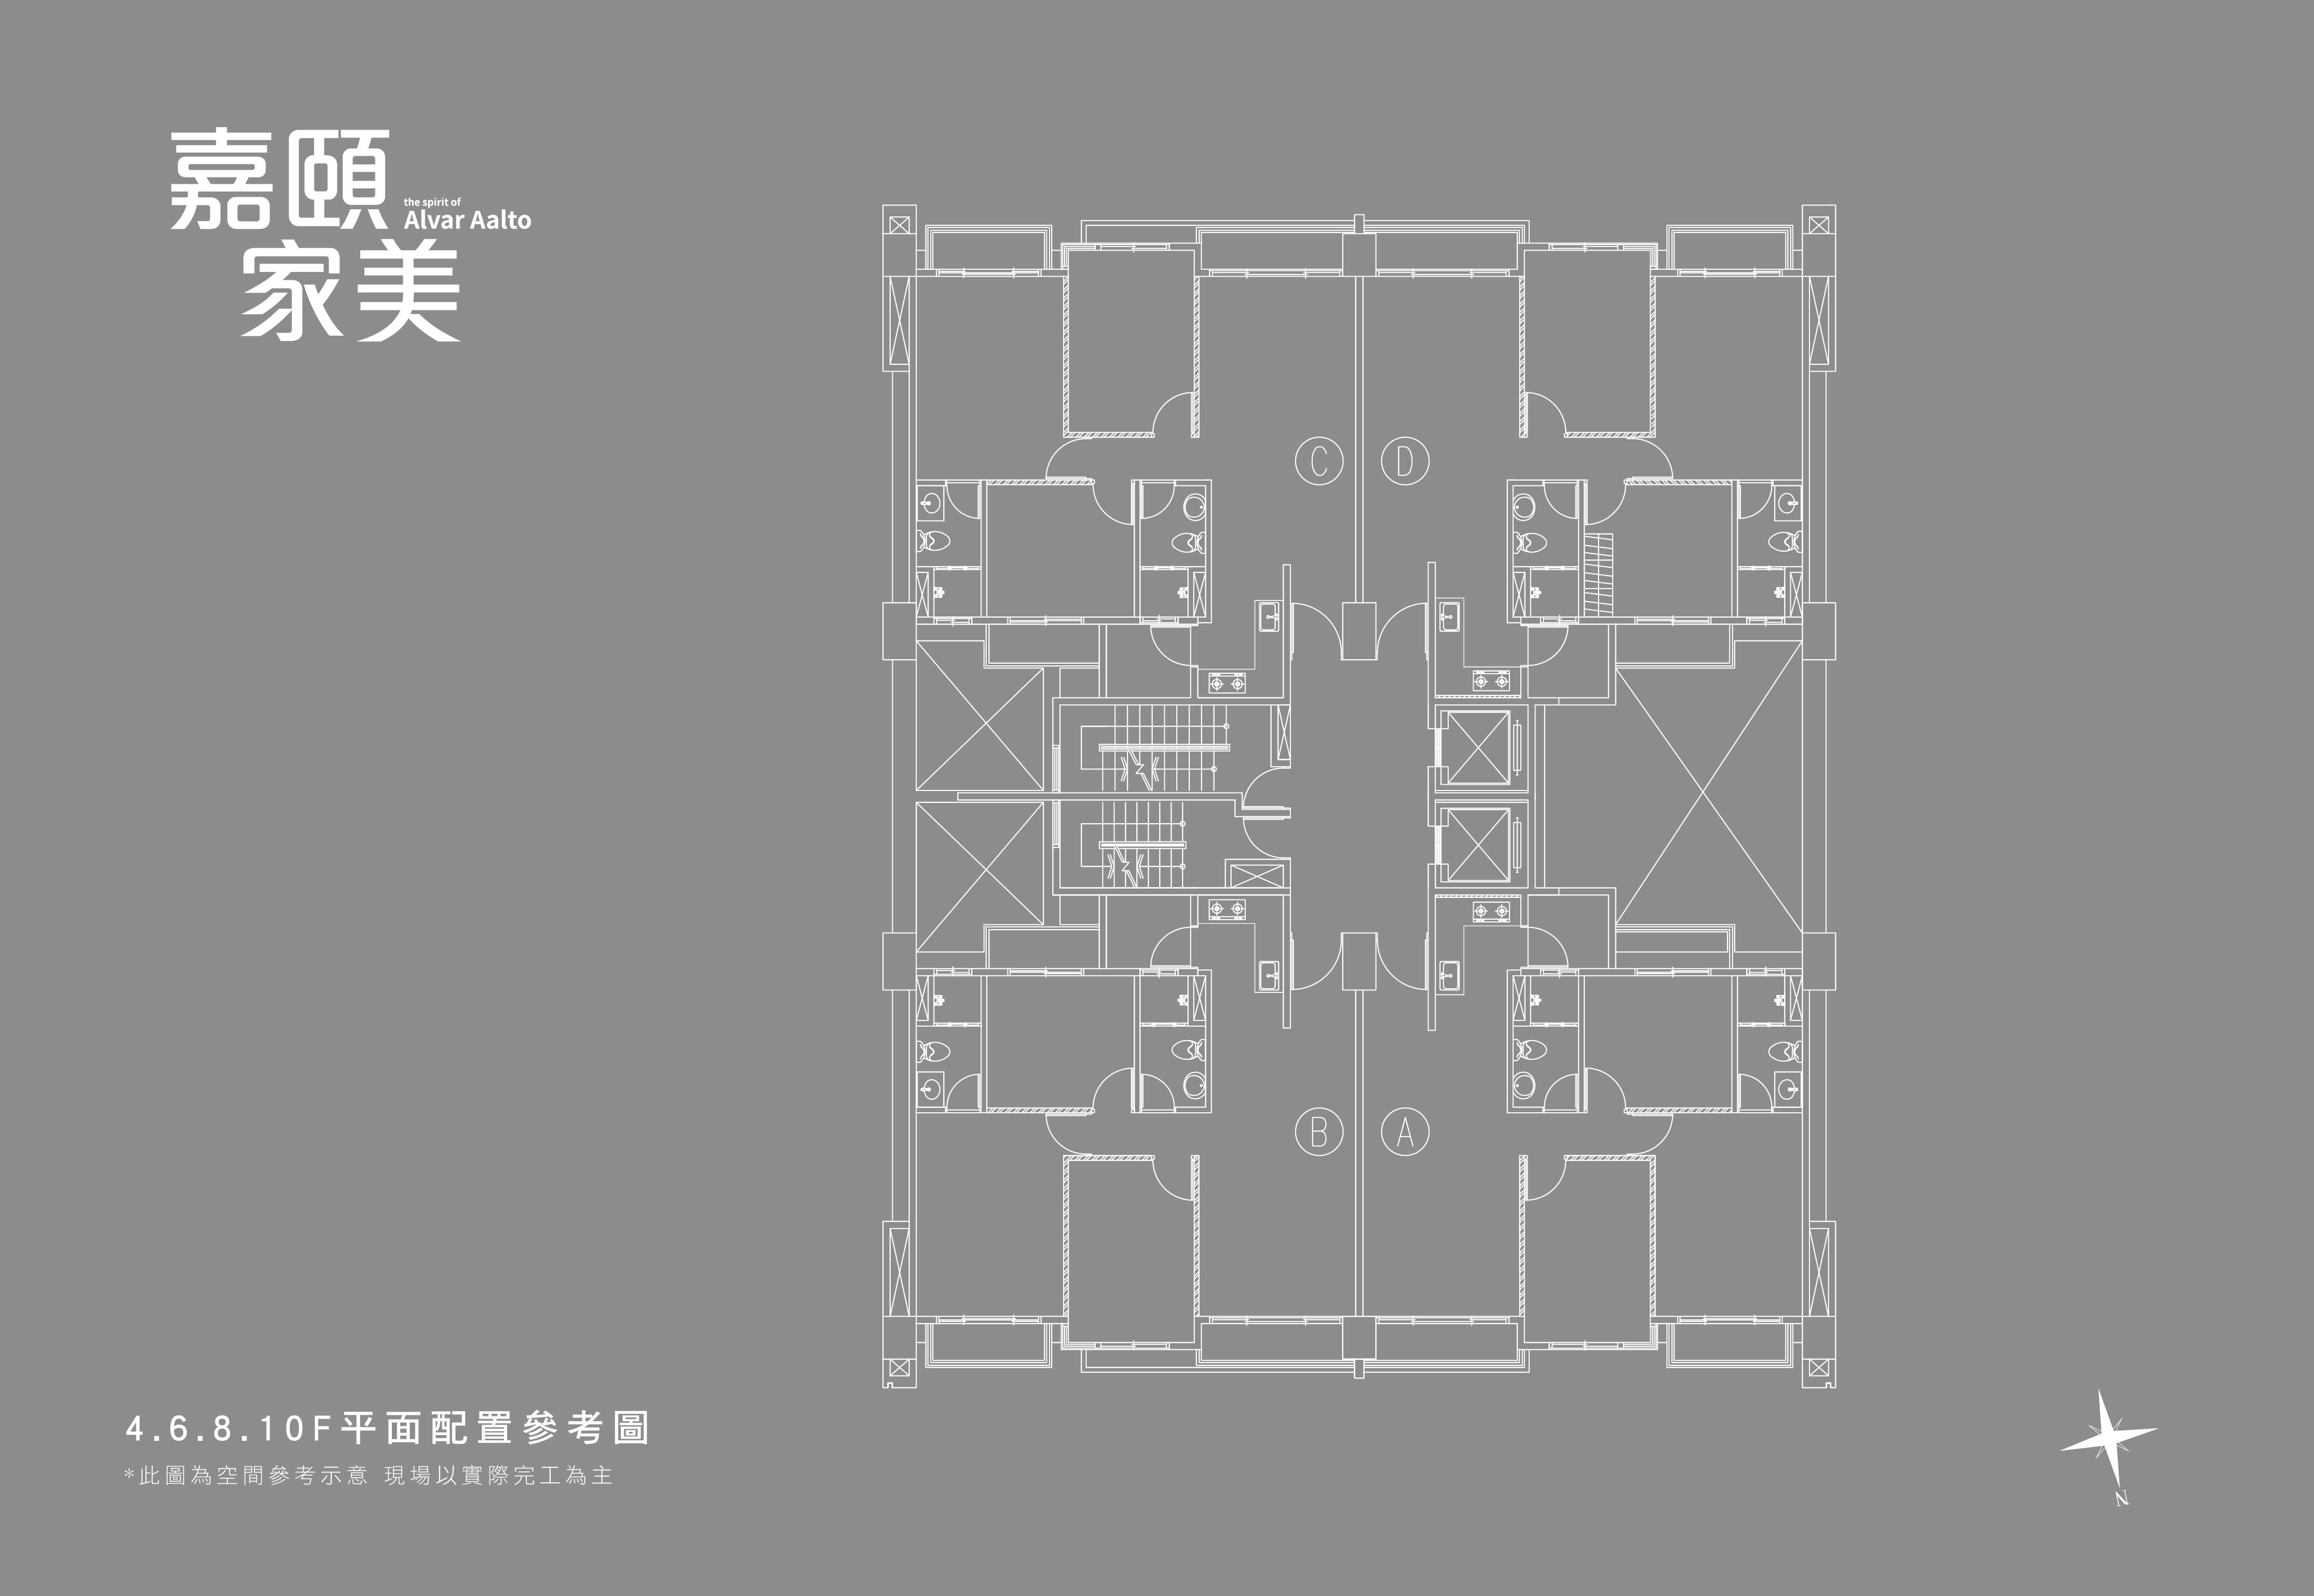 [新竹國小]嘉頤建設-嘉頤家美(大樓)20180402-03.jpg